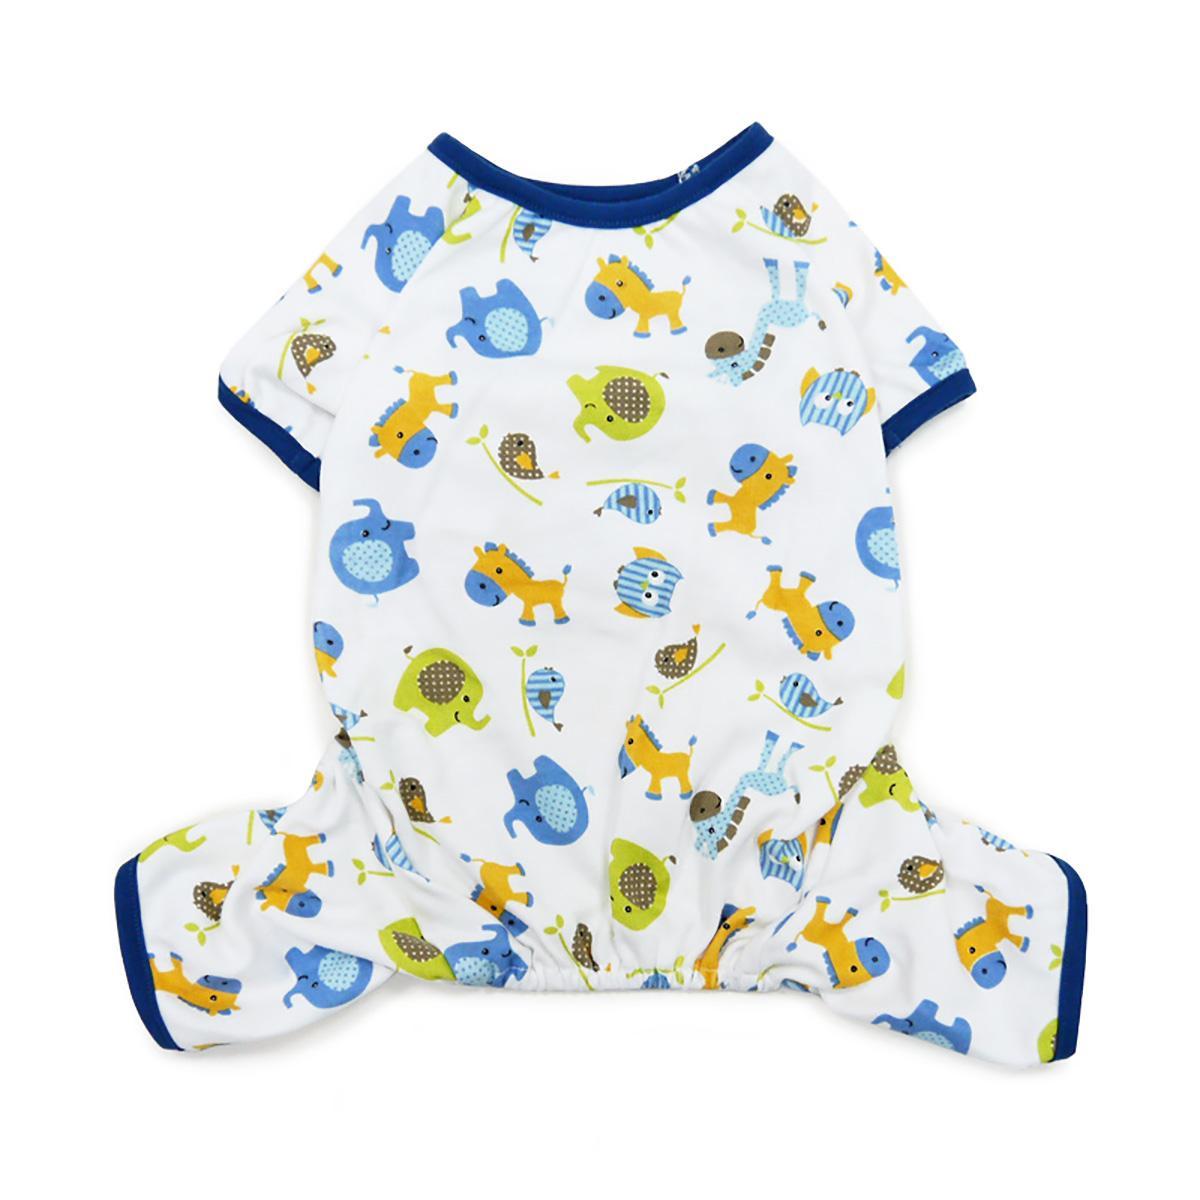 Dogo Zoo Dog Pajamas - Blue